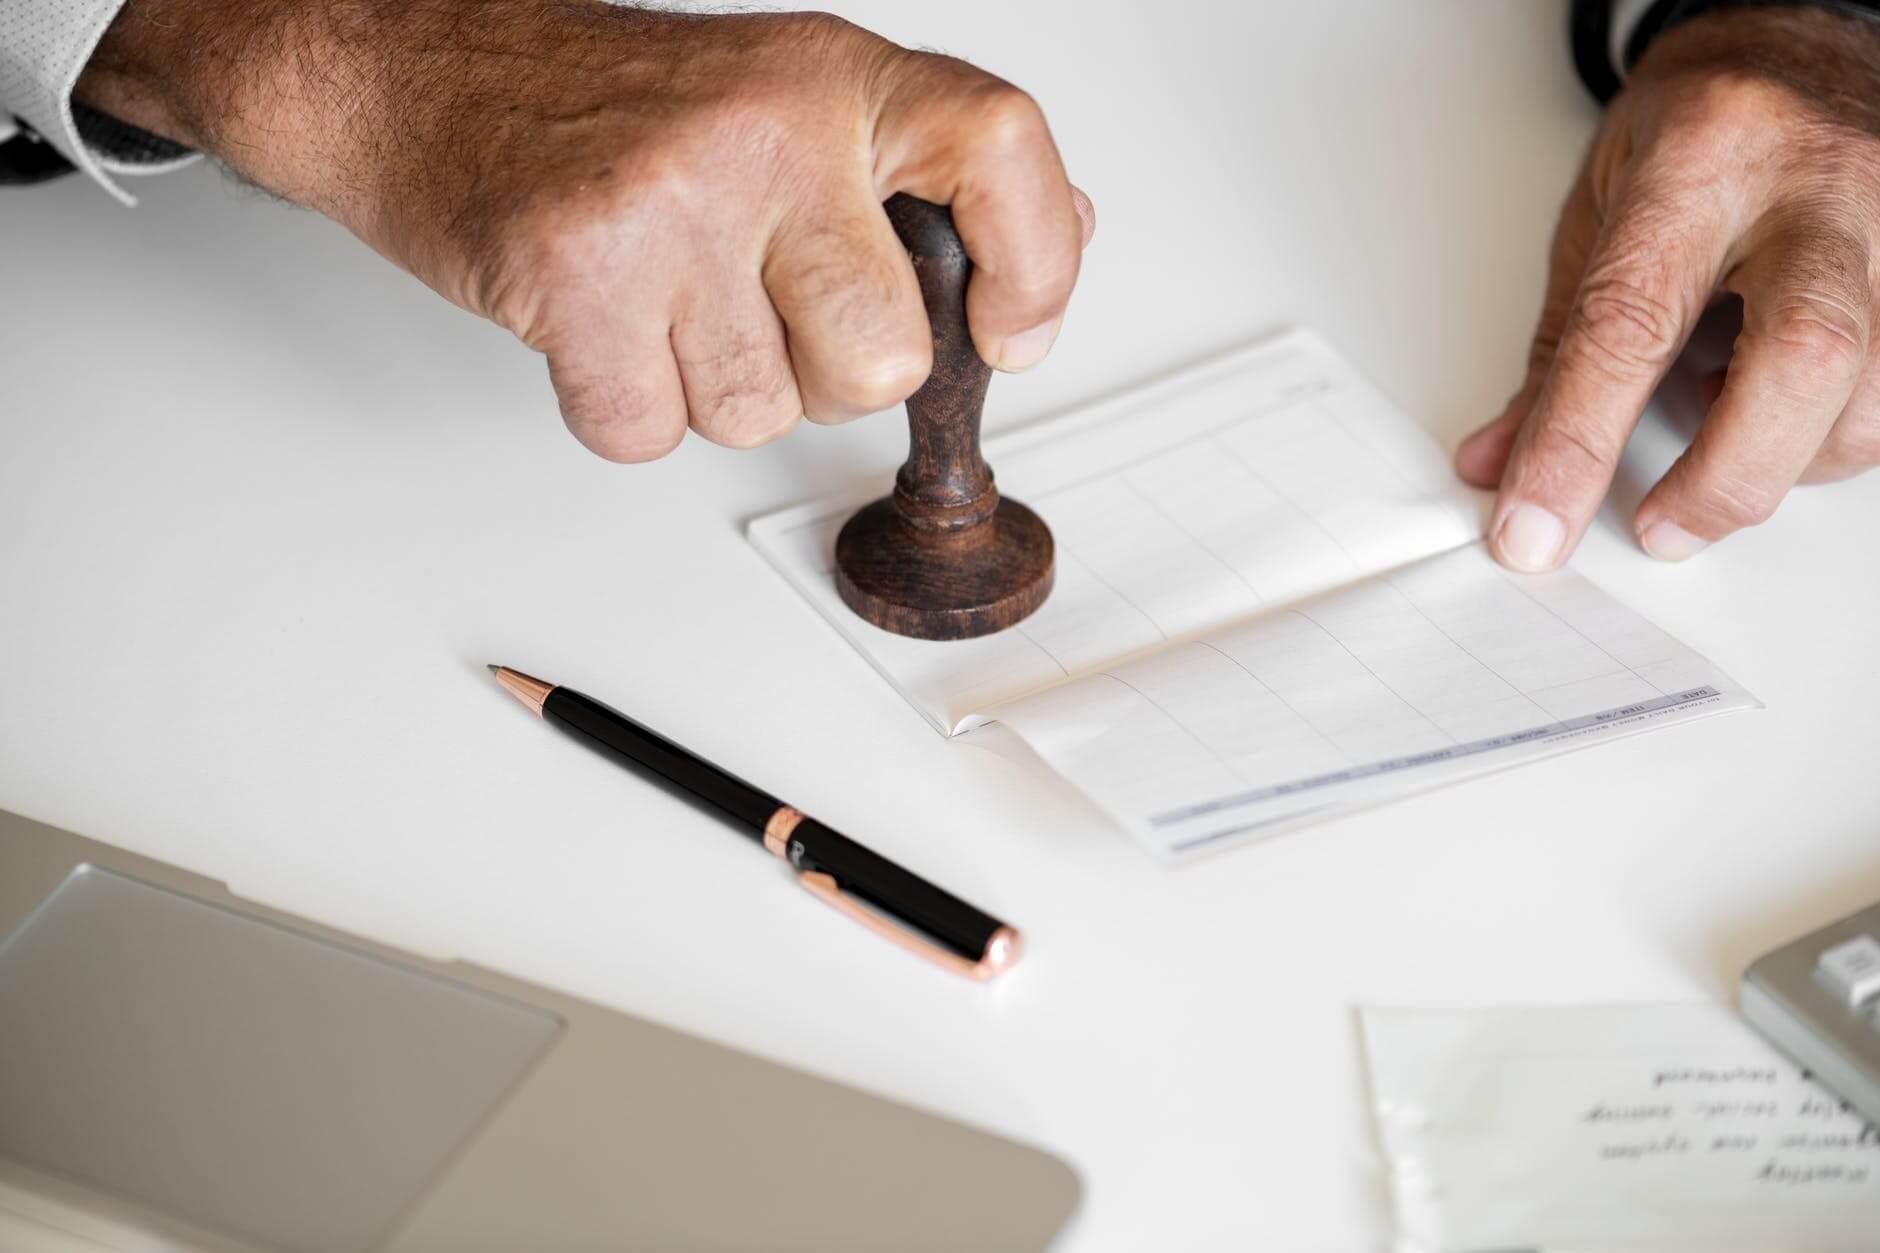 [BẠN CẦN BIẾT] Những quy định về hợp pháp hóa lãnh sự